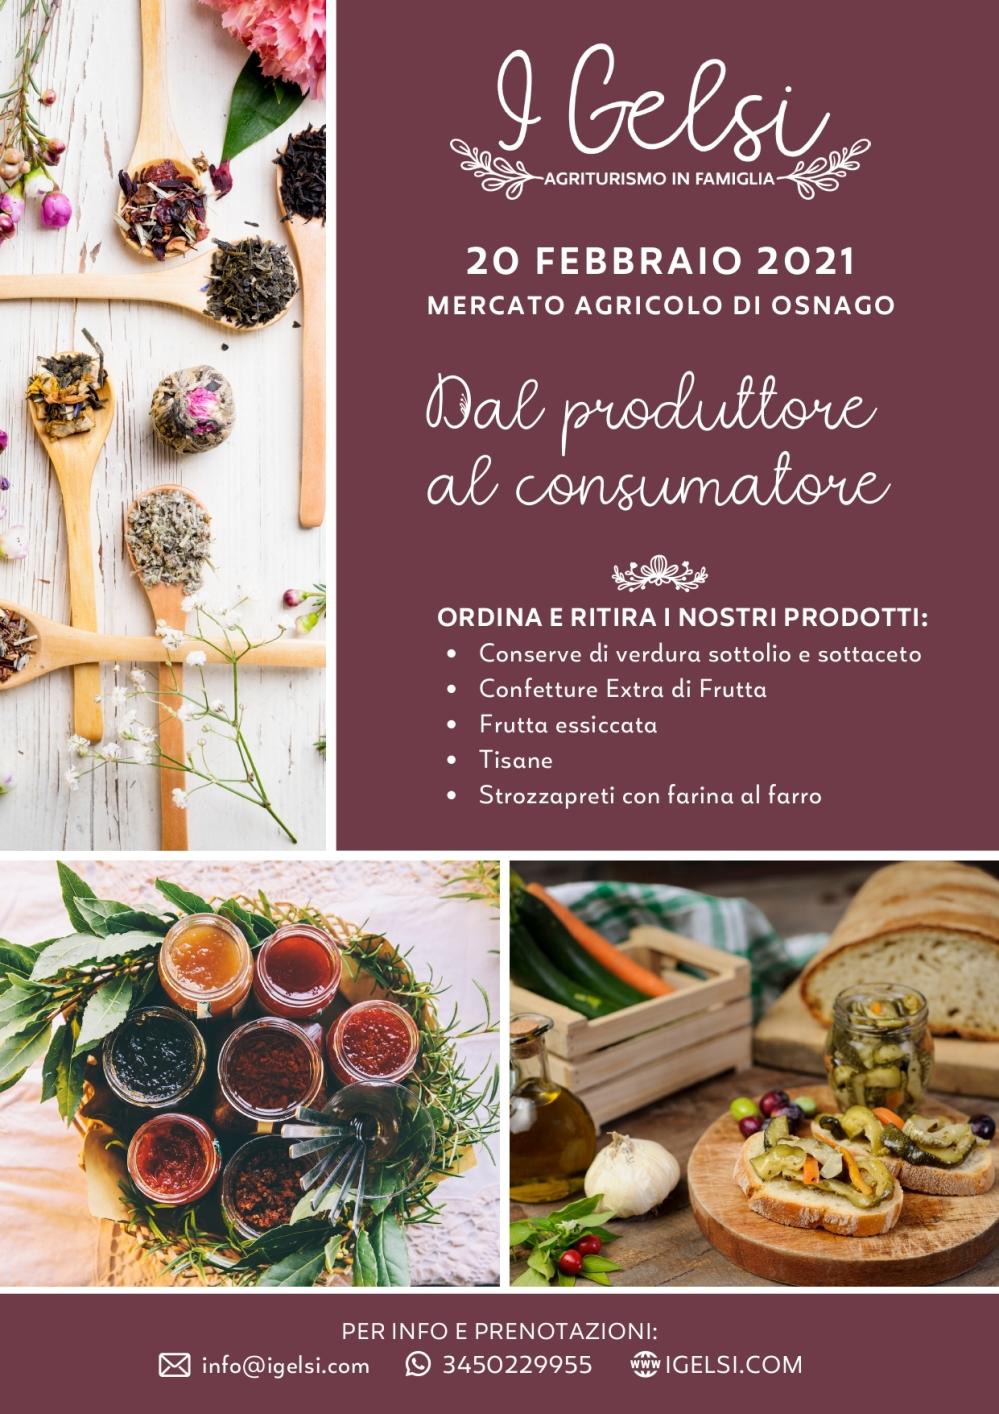 Volantino Mercato di osnago 200221_page-0001